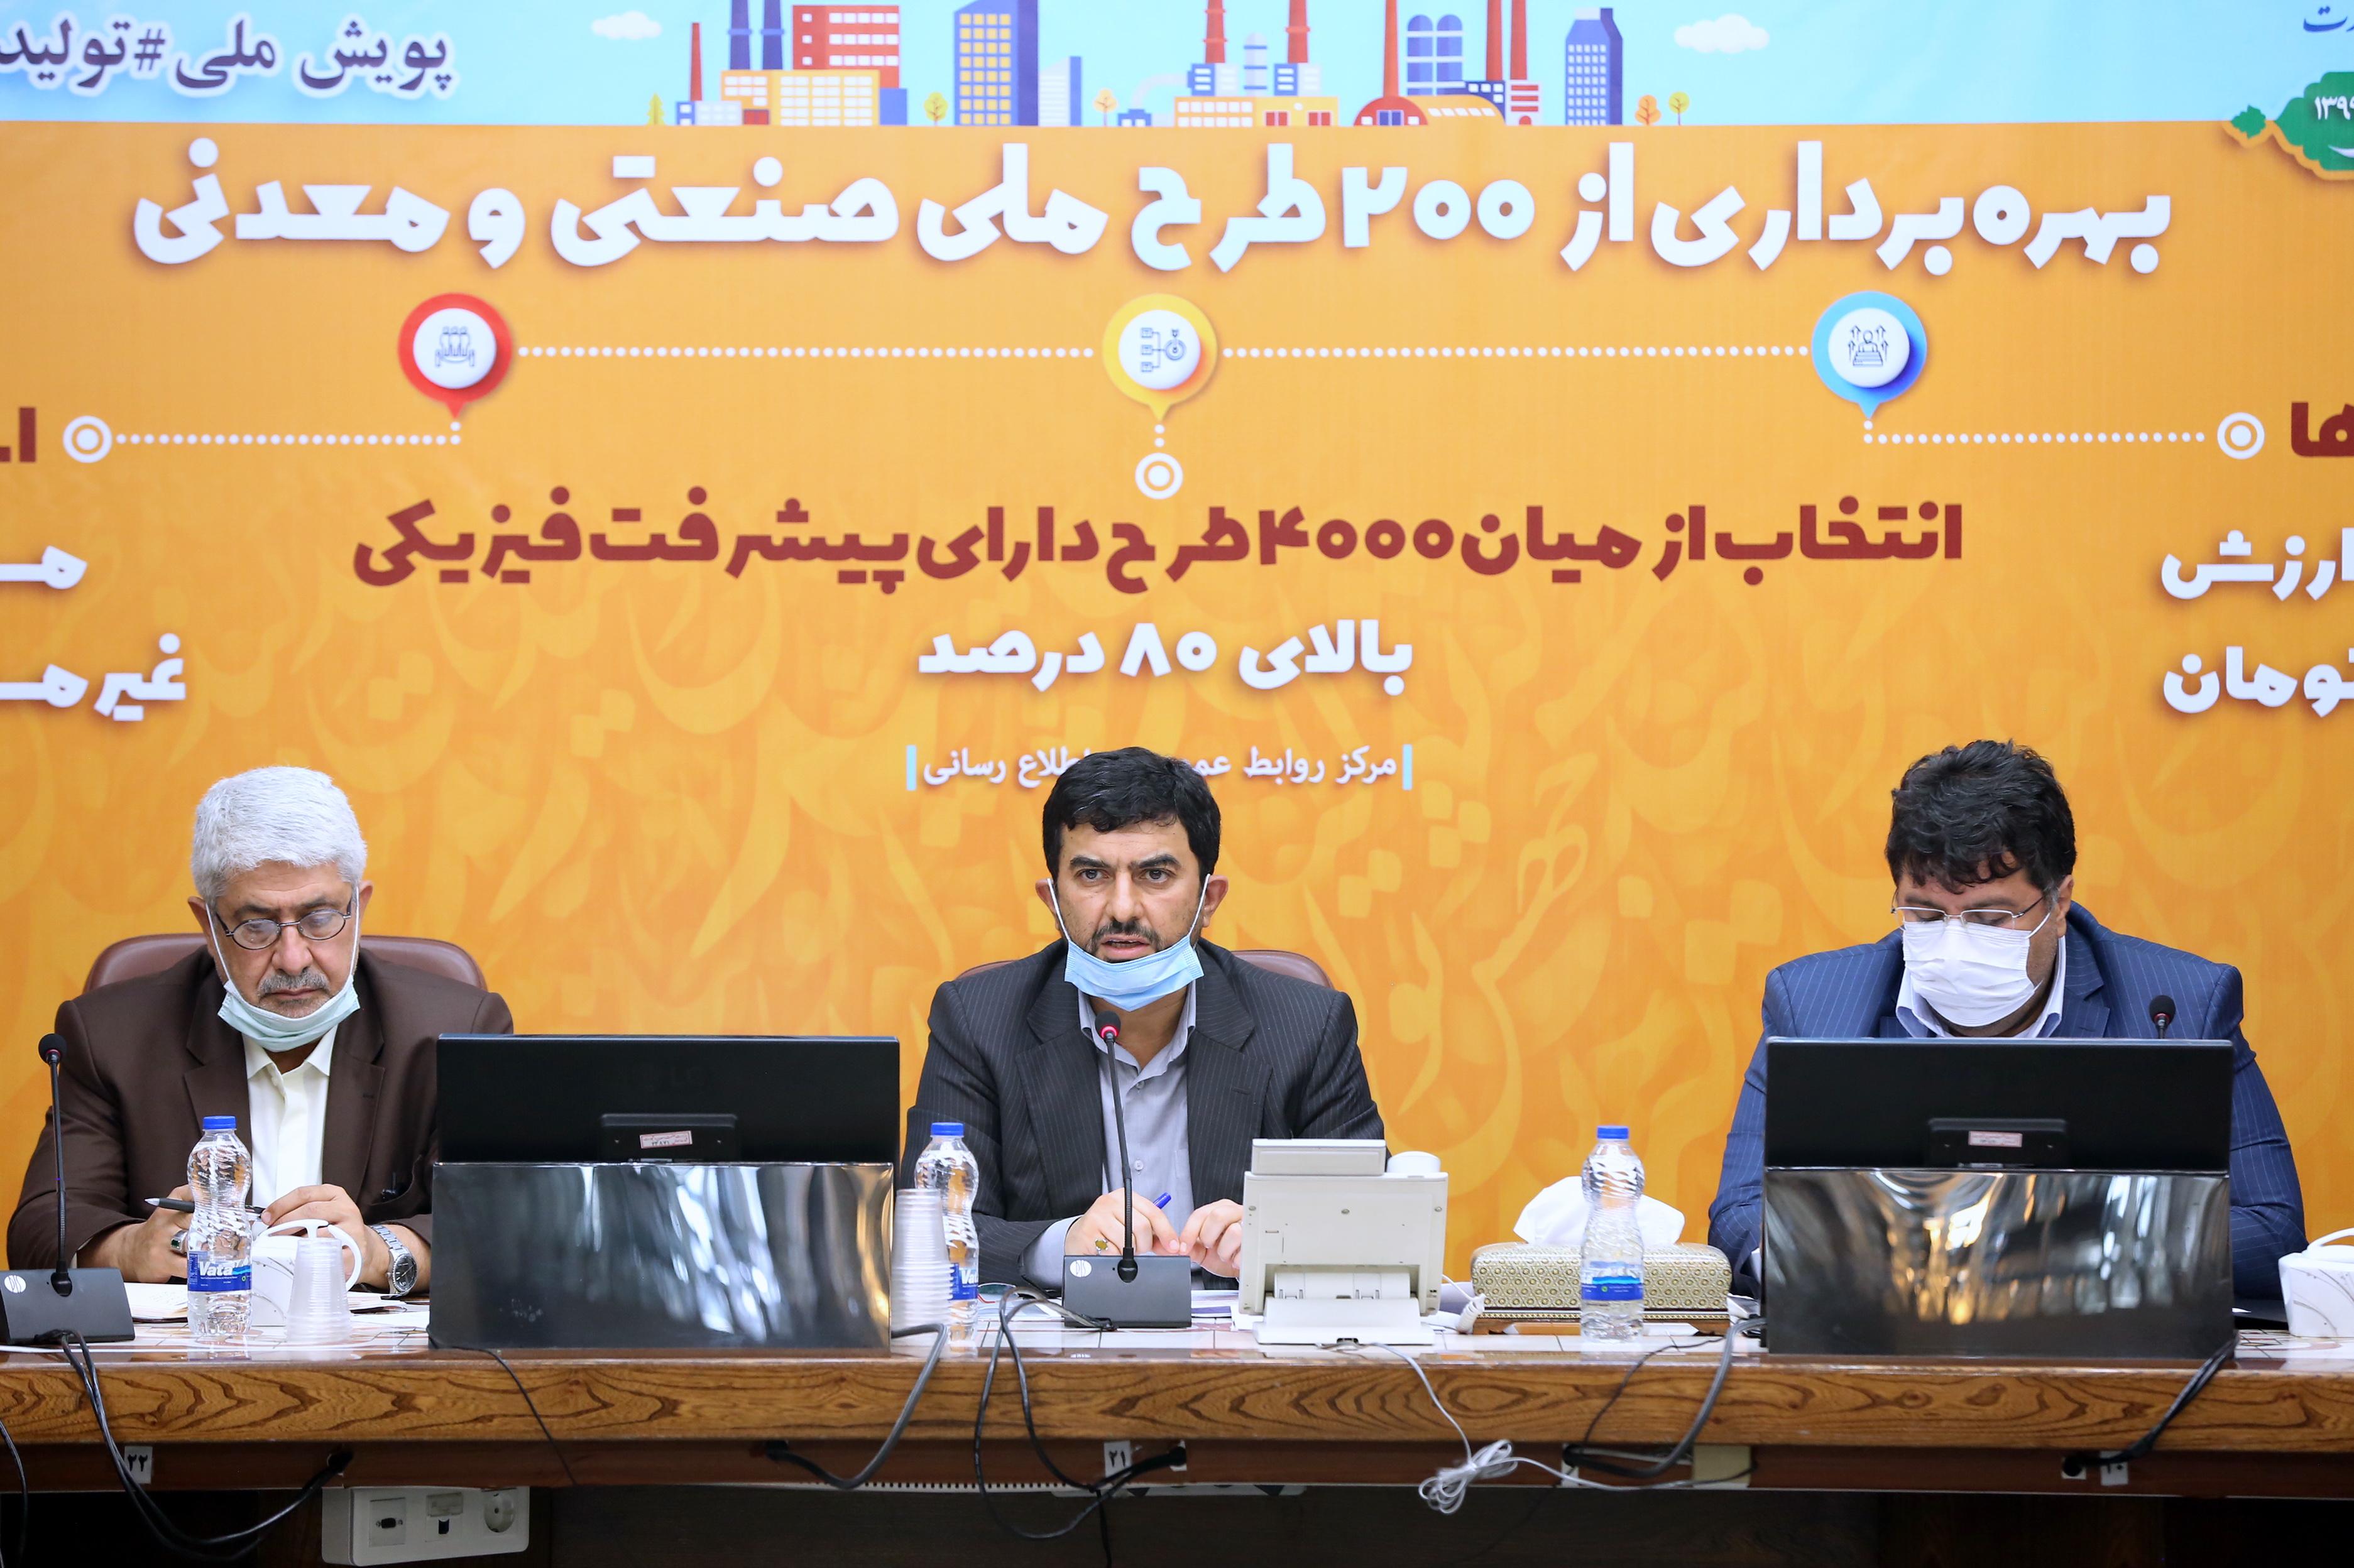 فراخوان وزارت صمت به سرمایه گذاران برای تولید لاستیک